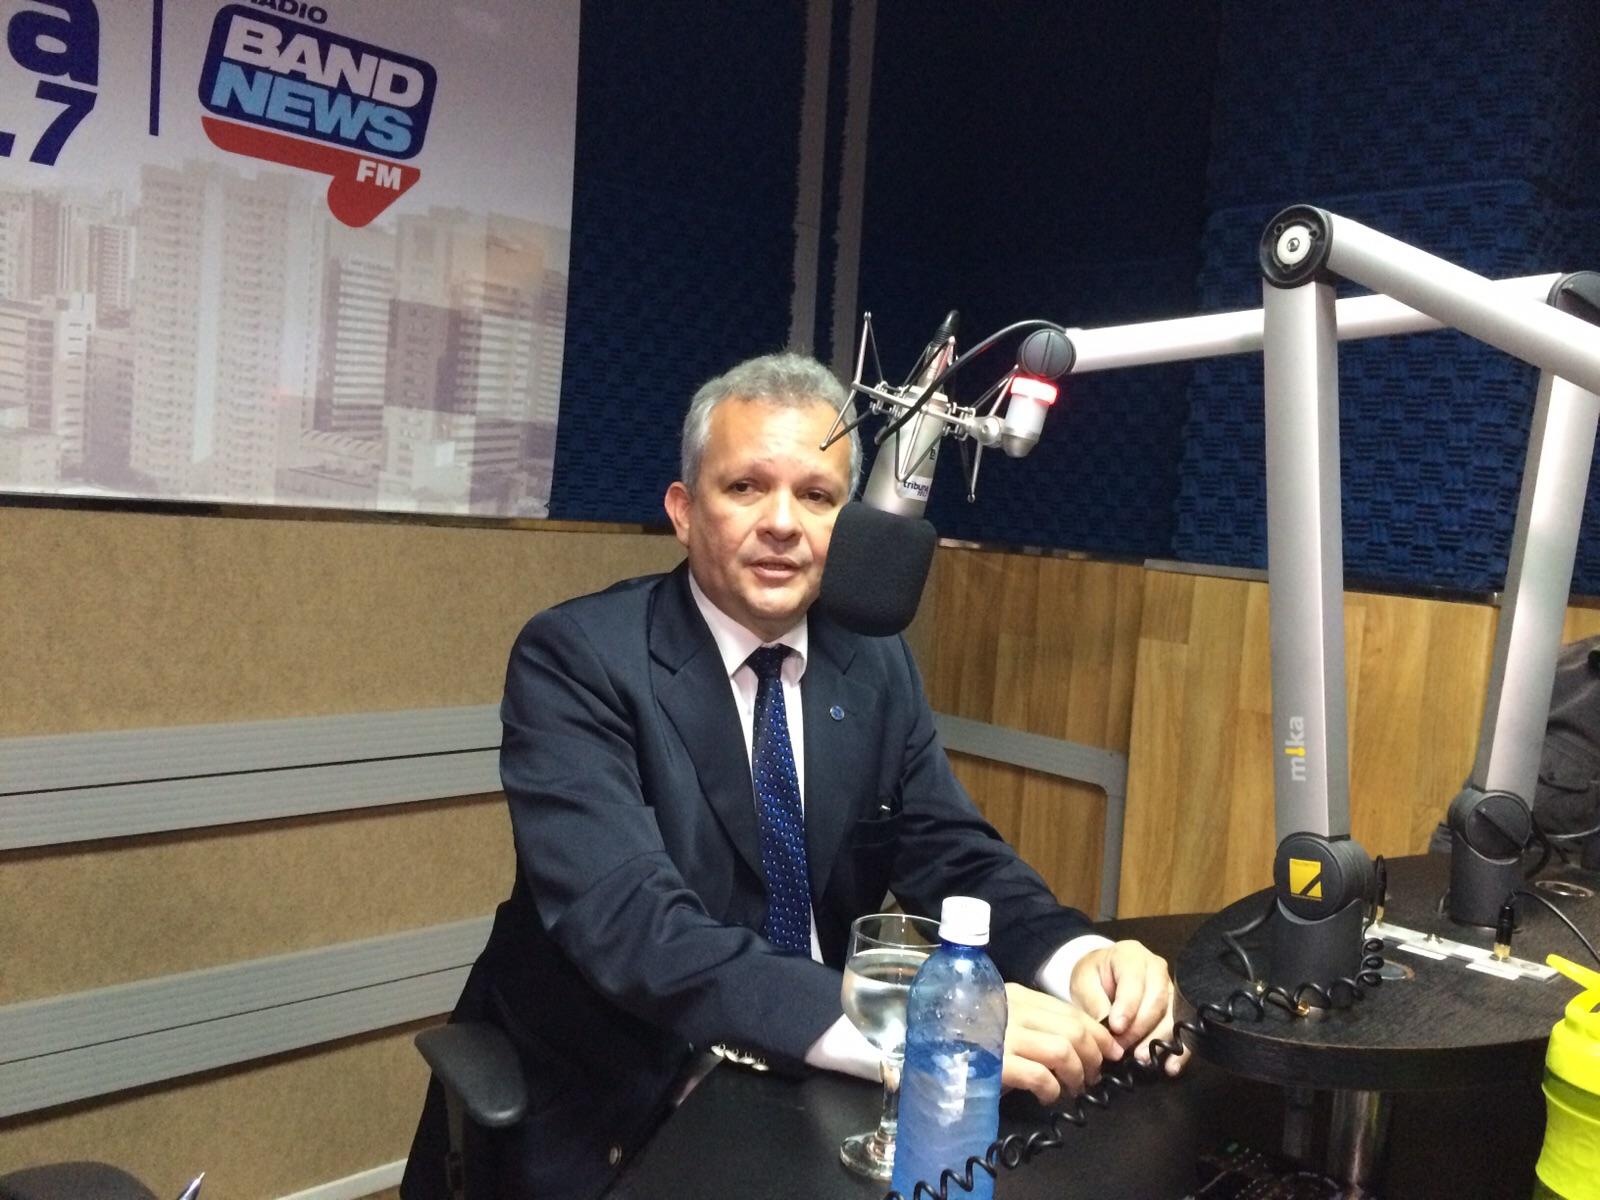 Ministro das Telecomunicações, André Figueiredo, em entrevista a Rádio Tribuna Band News FM (FOTO: Thamiris Treigher)